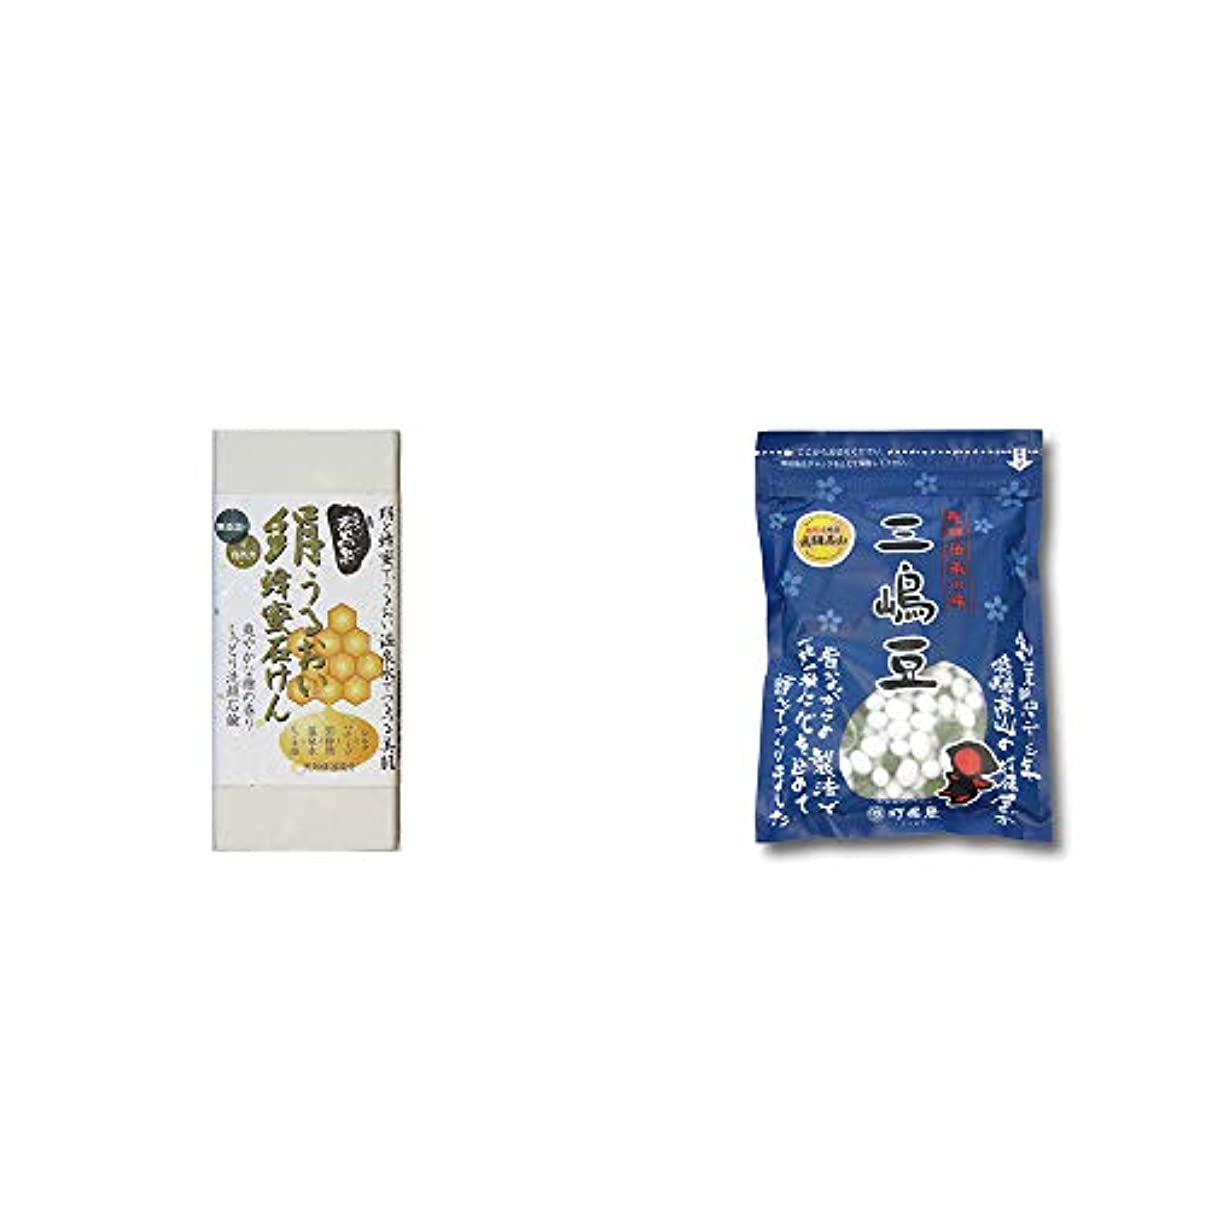 コンサルタントアイスクリーム部門[2点セット] ひのき炭黒泉 絹うるおい蜂蜜石けん(75g×2)?飛騨 打保屋 駄菓子 三嶋豆(150g)